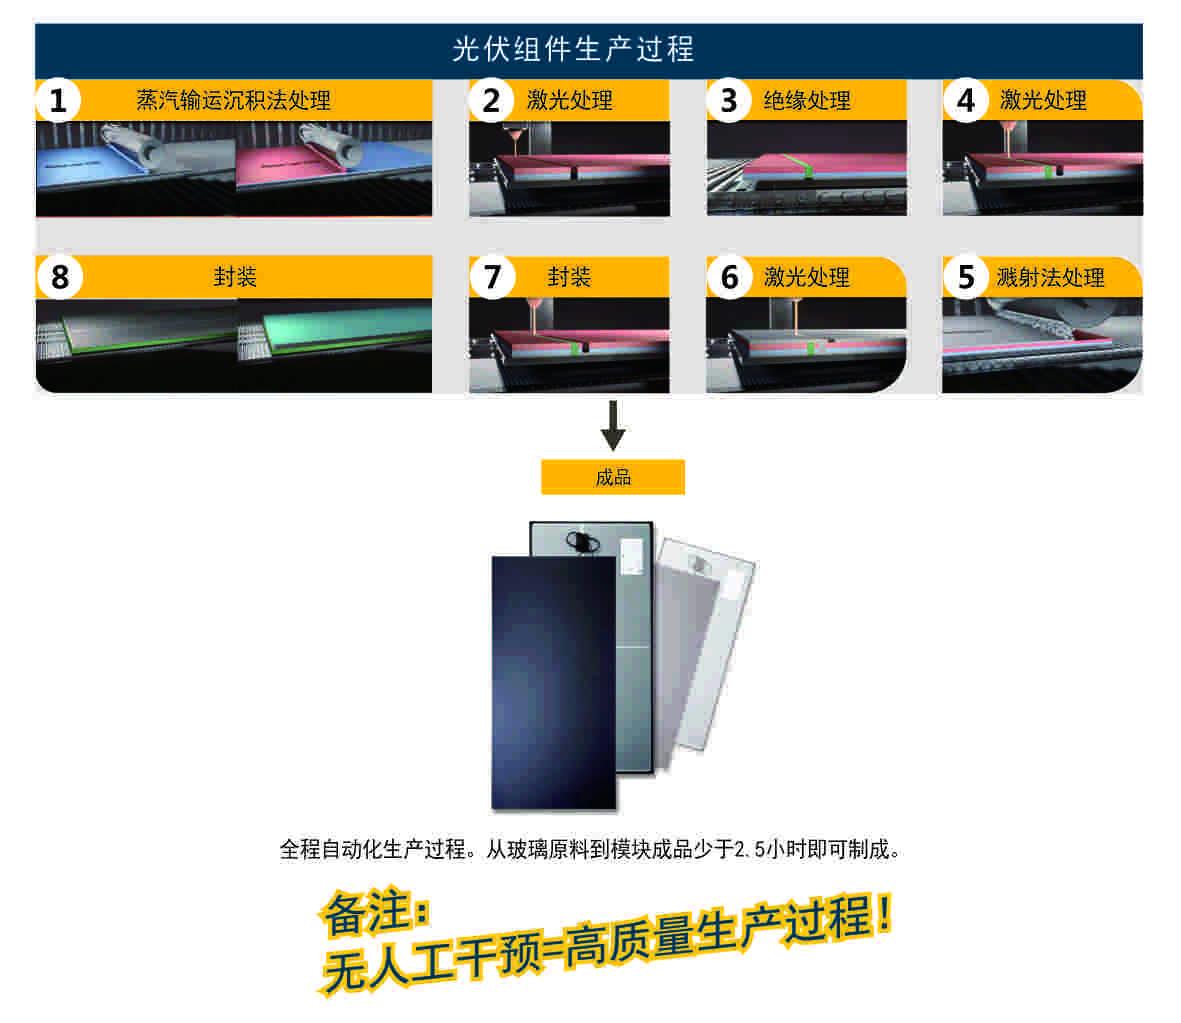 碲化镉薄膜组件的生产过程